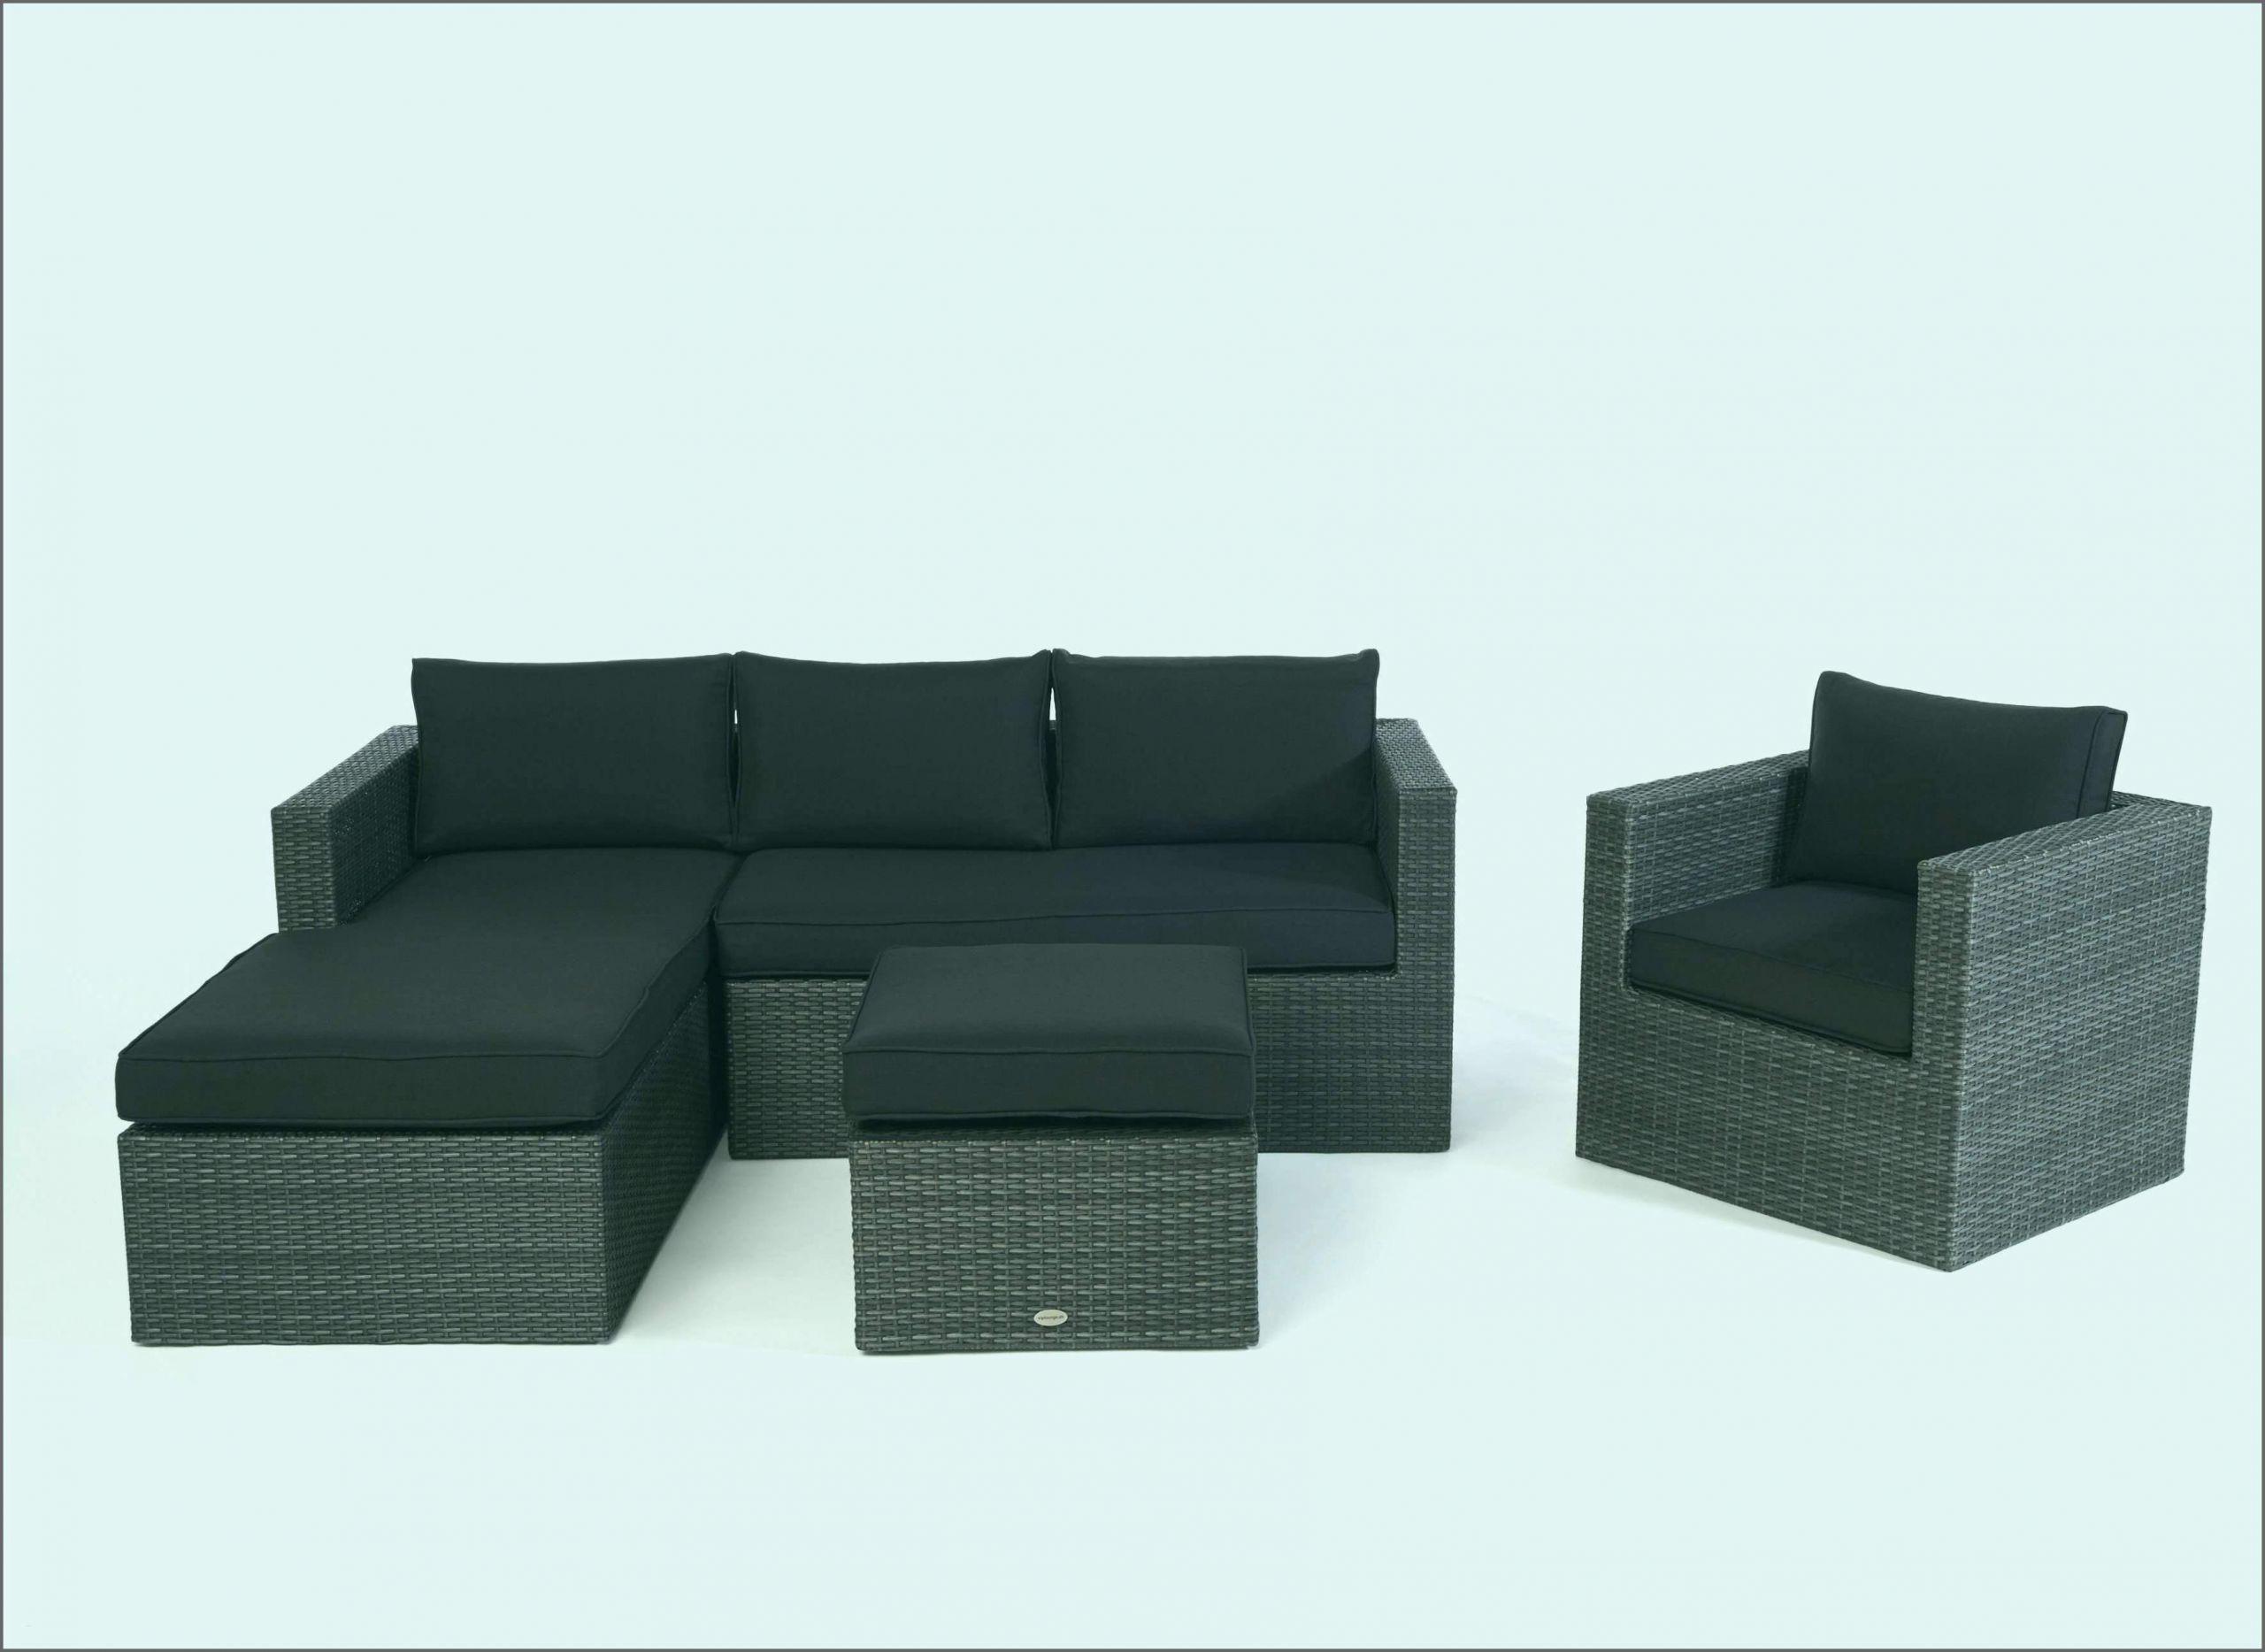 31 fantastisch und frisch lounge sessel wohnzimmer gwzyzvus of sessel lounge